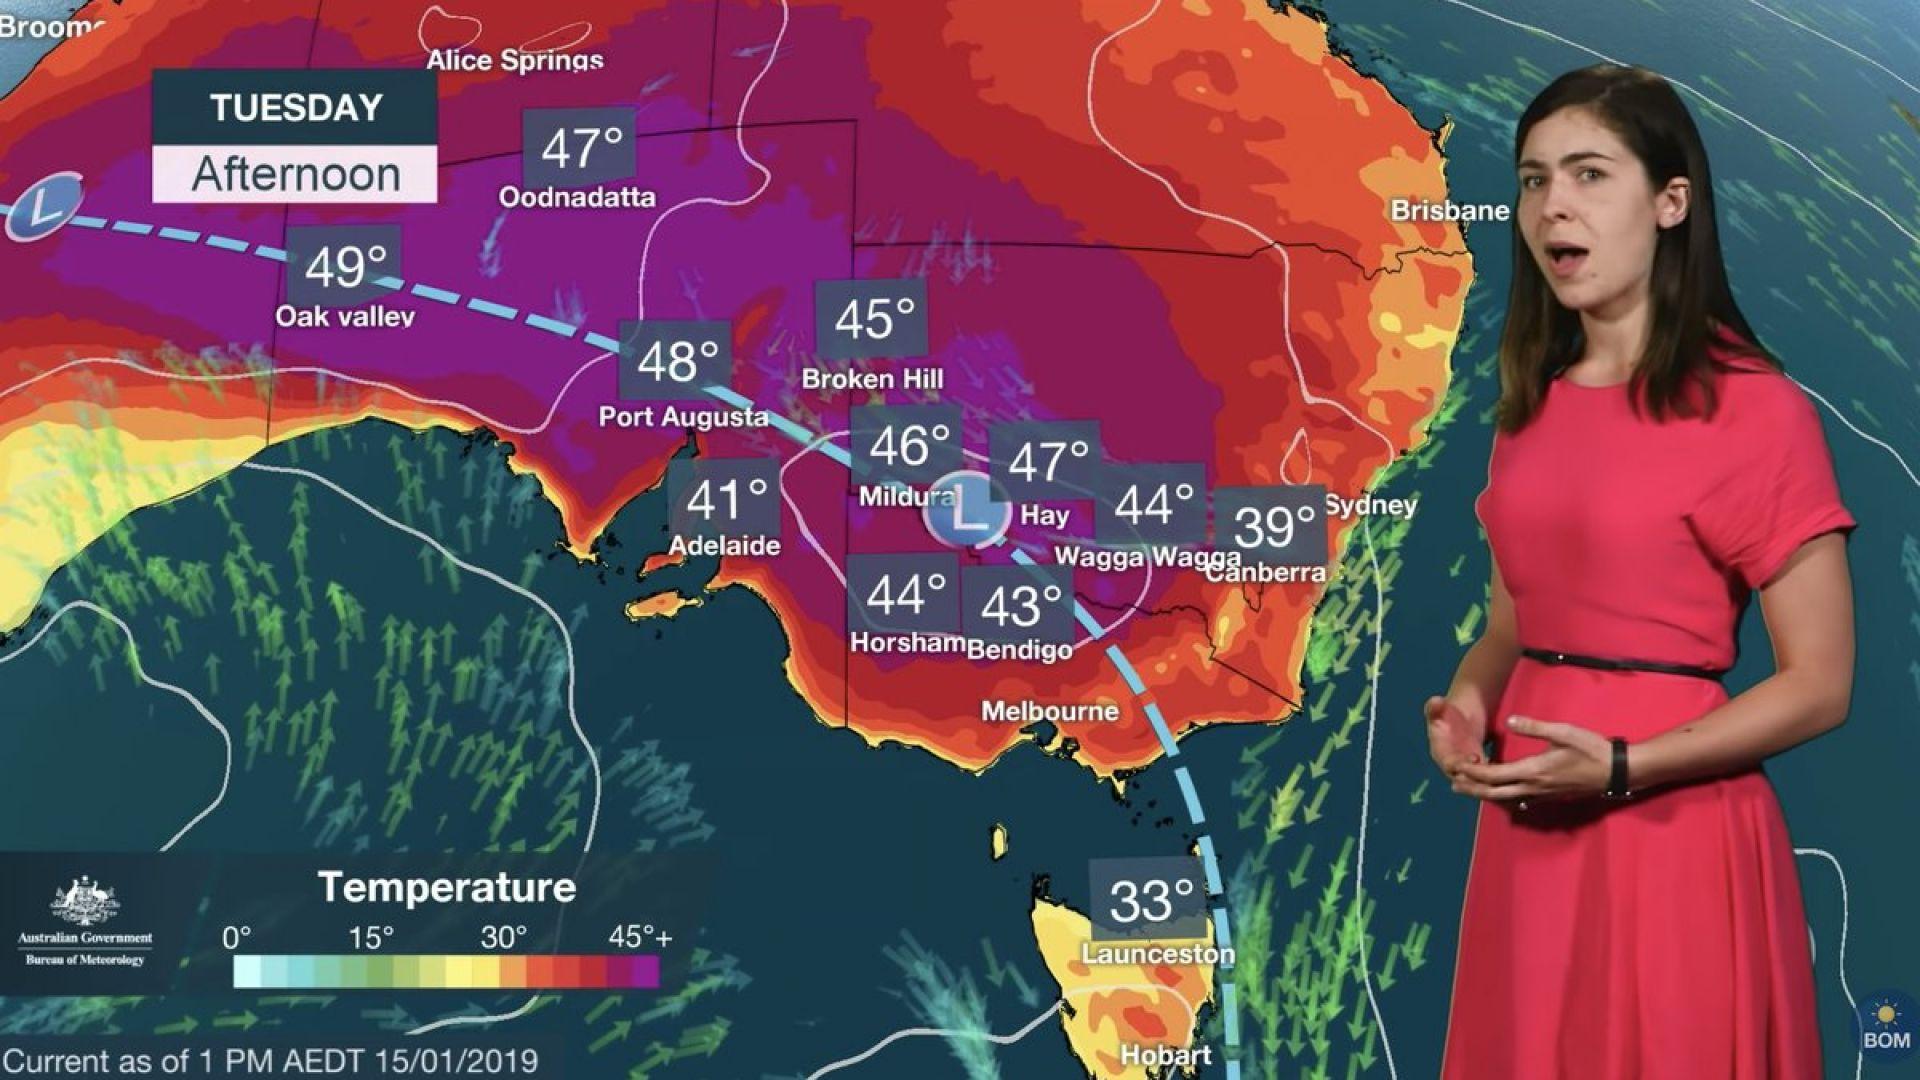 Вчера е бил най-топлият ден в Австралия, откакто се водят статистиките